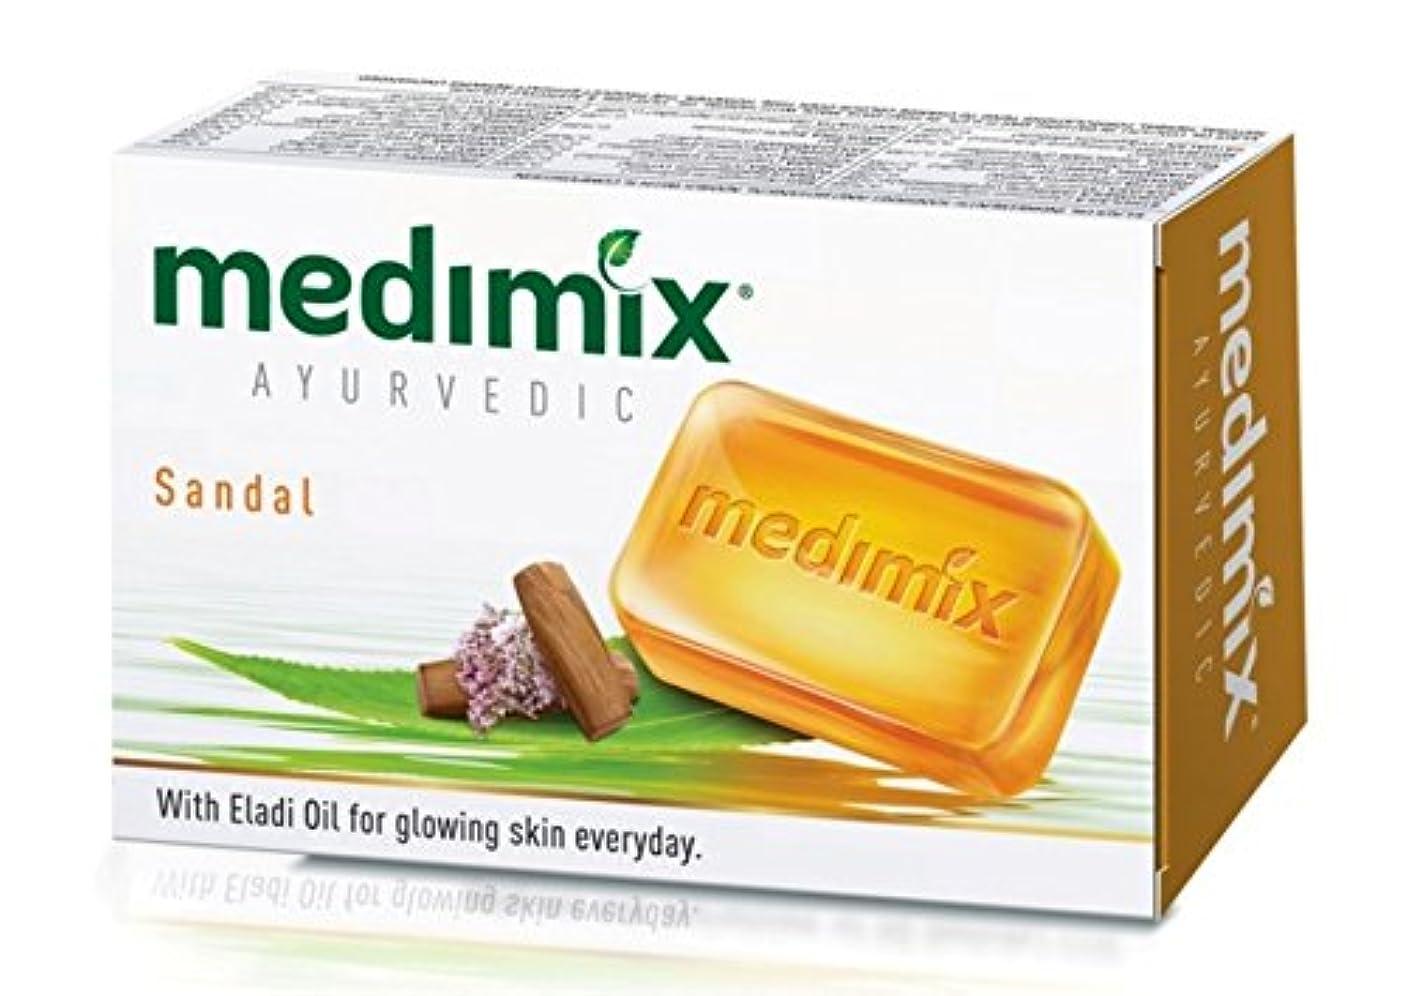 米ドル前パフ【medimix国内正規品】メディミックス Sandal ハーブから作られたオーガニック石鹸